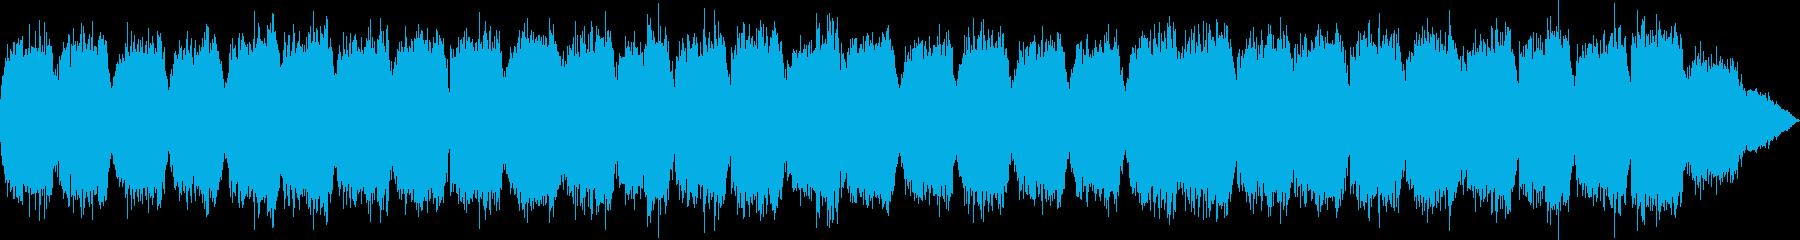 幻想的な映像をイメージして作ったコーラ…の再生済みの波形